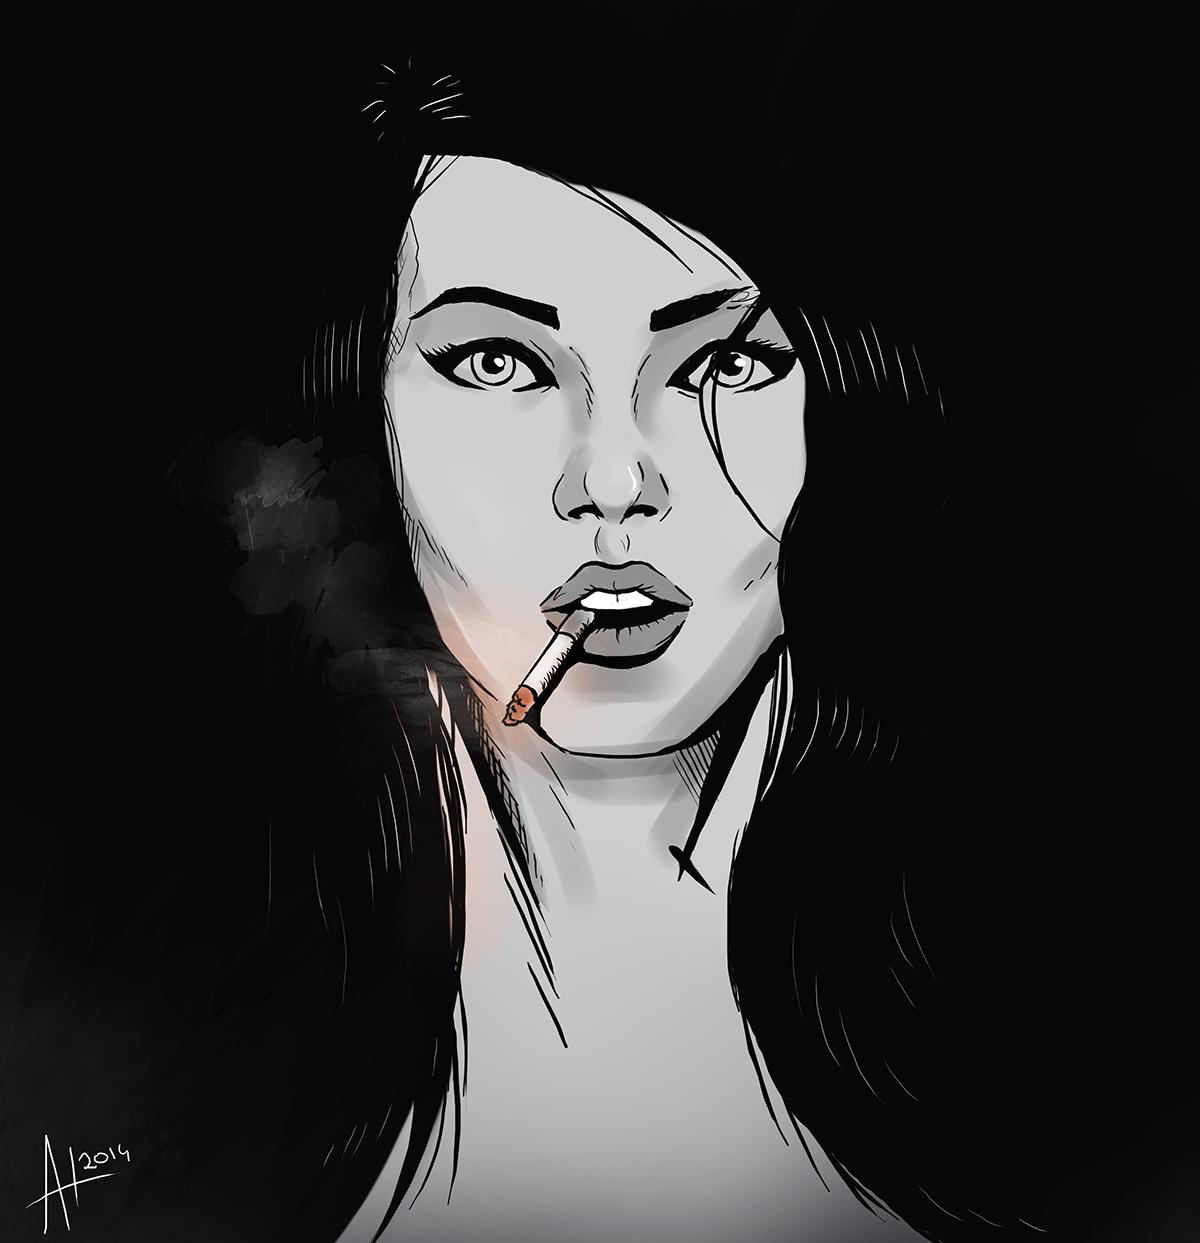 La Cigarette 2